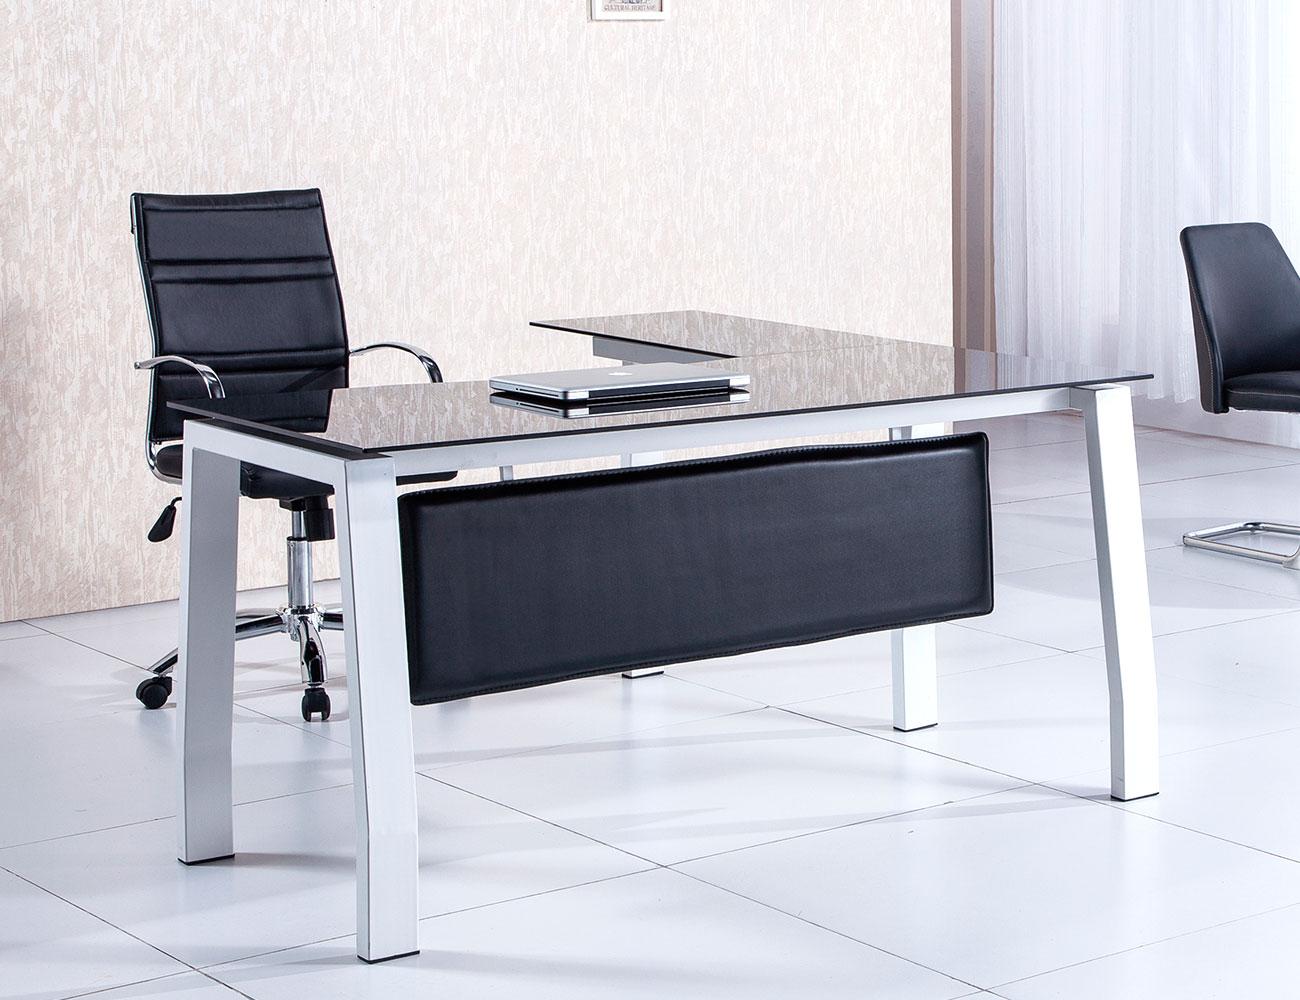 Mesa de despacho u oficina en cristal templado negro (3270 ...